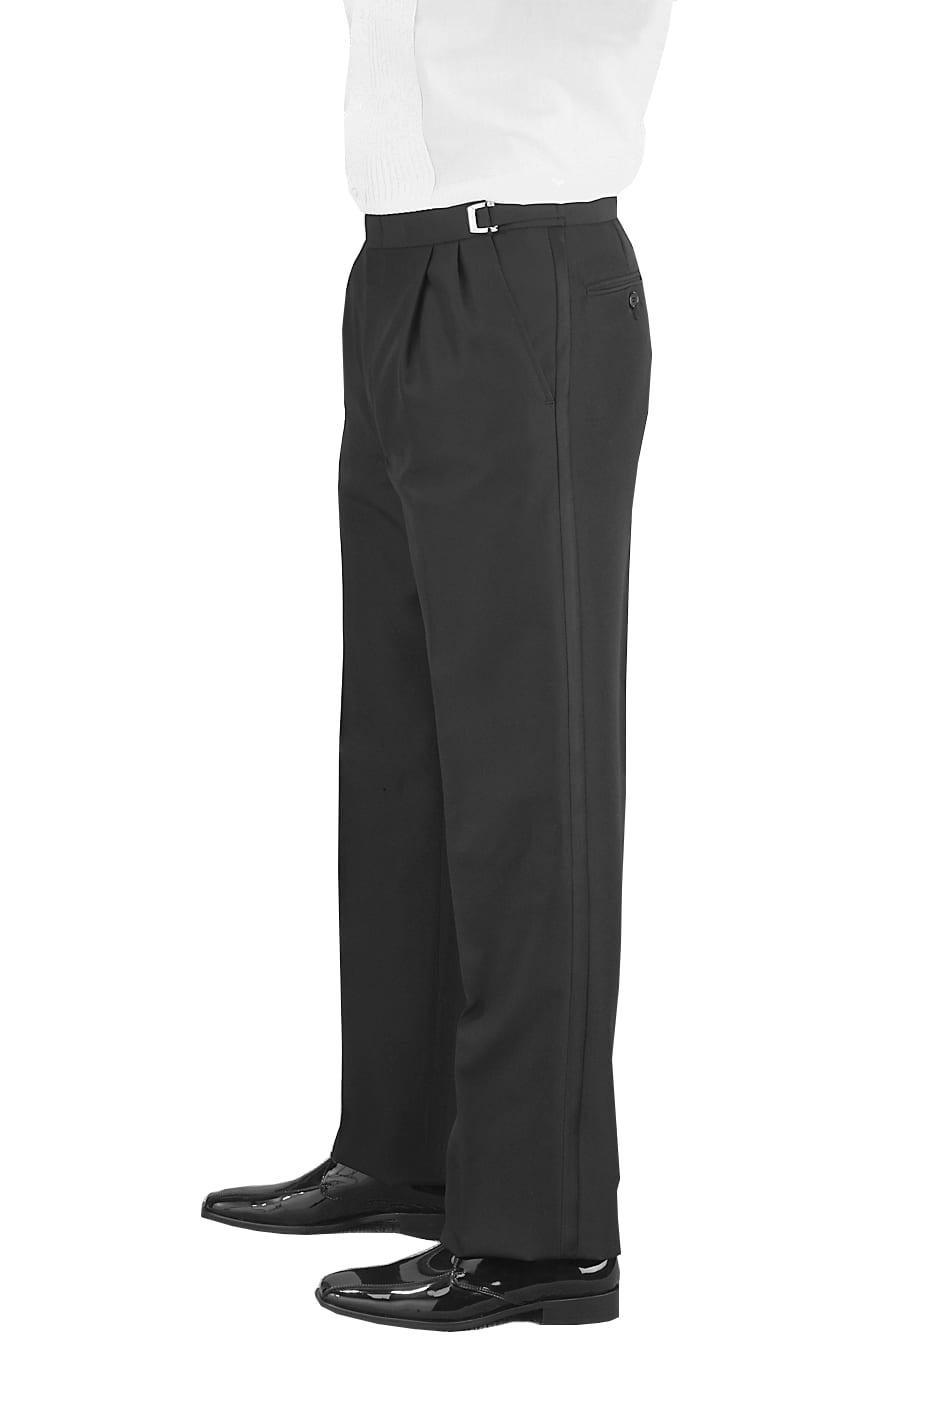 0c4237c49db Men's Basic Tuxedo Trousers - Best Tuxedo